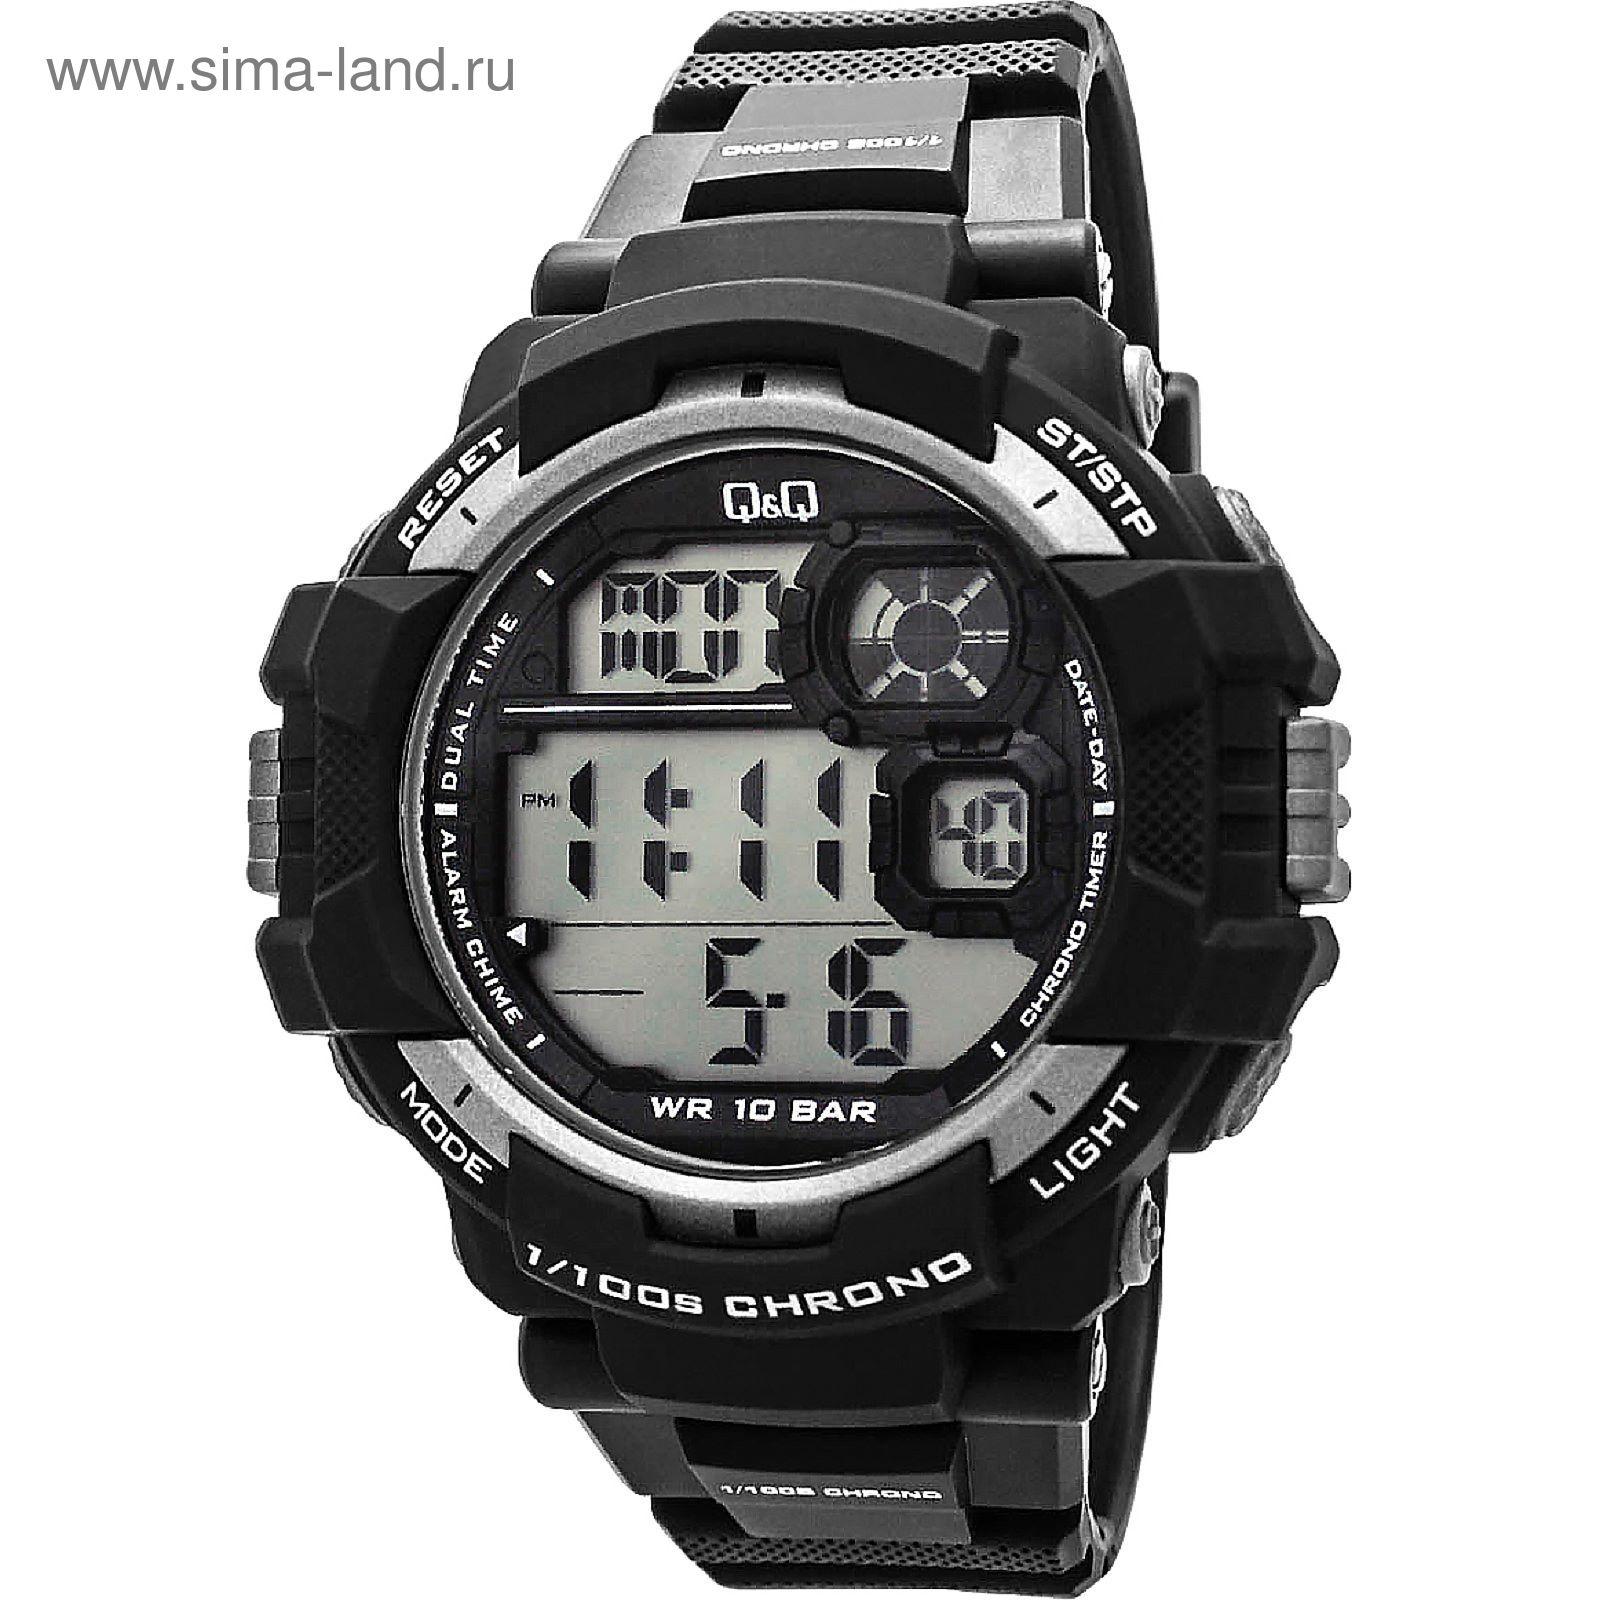 0239aab2 Часы наручные мужские Q&Q M143-002 (1589358) - Купить по цене от ...